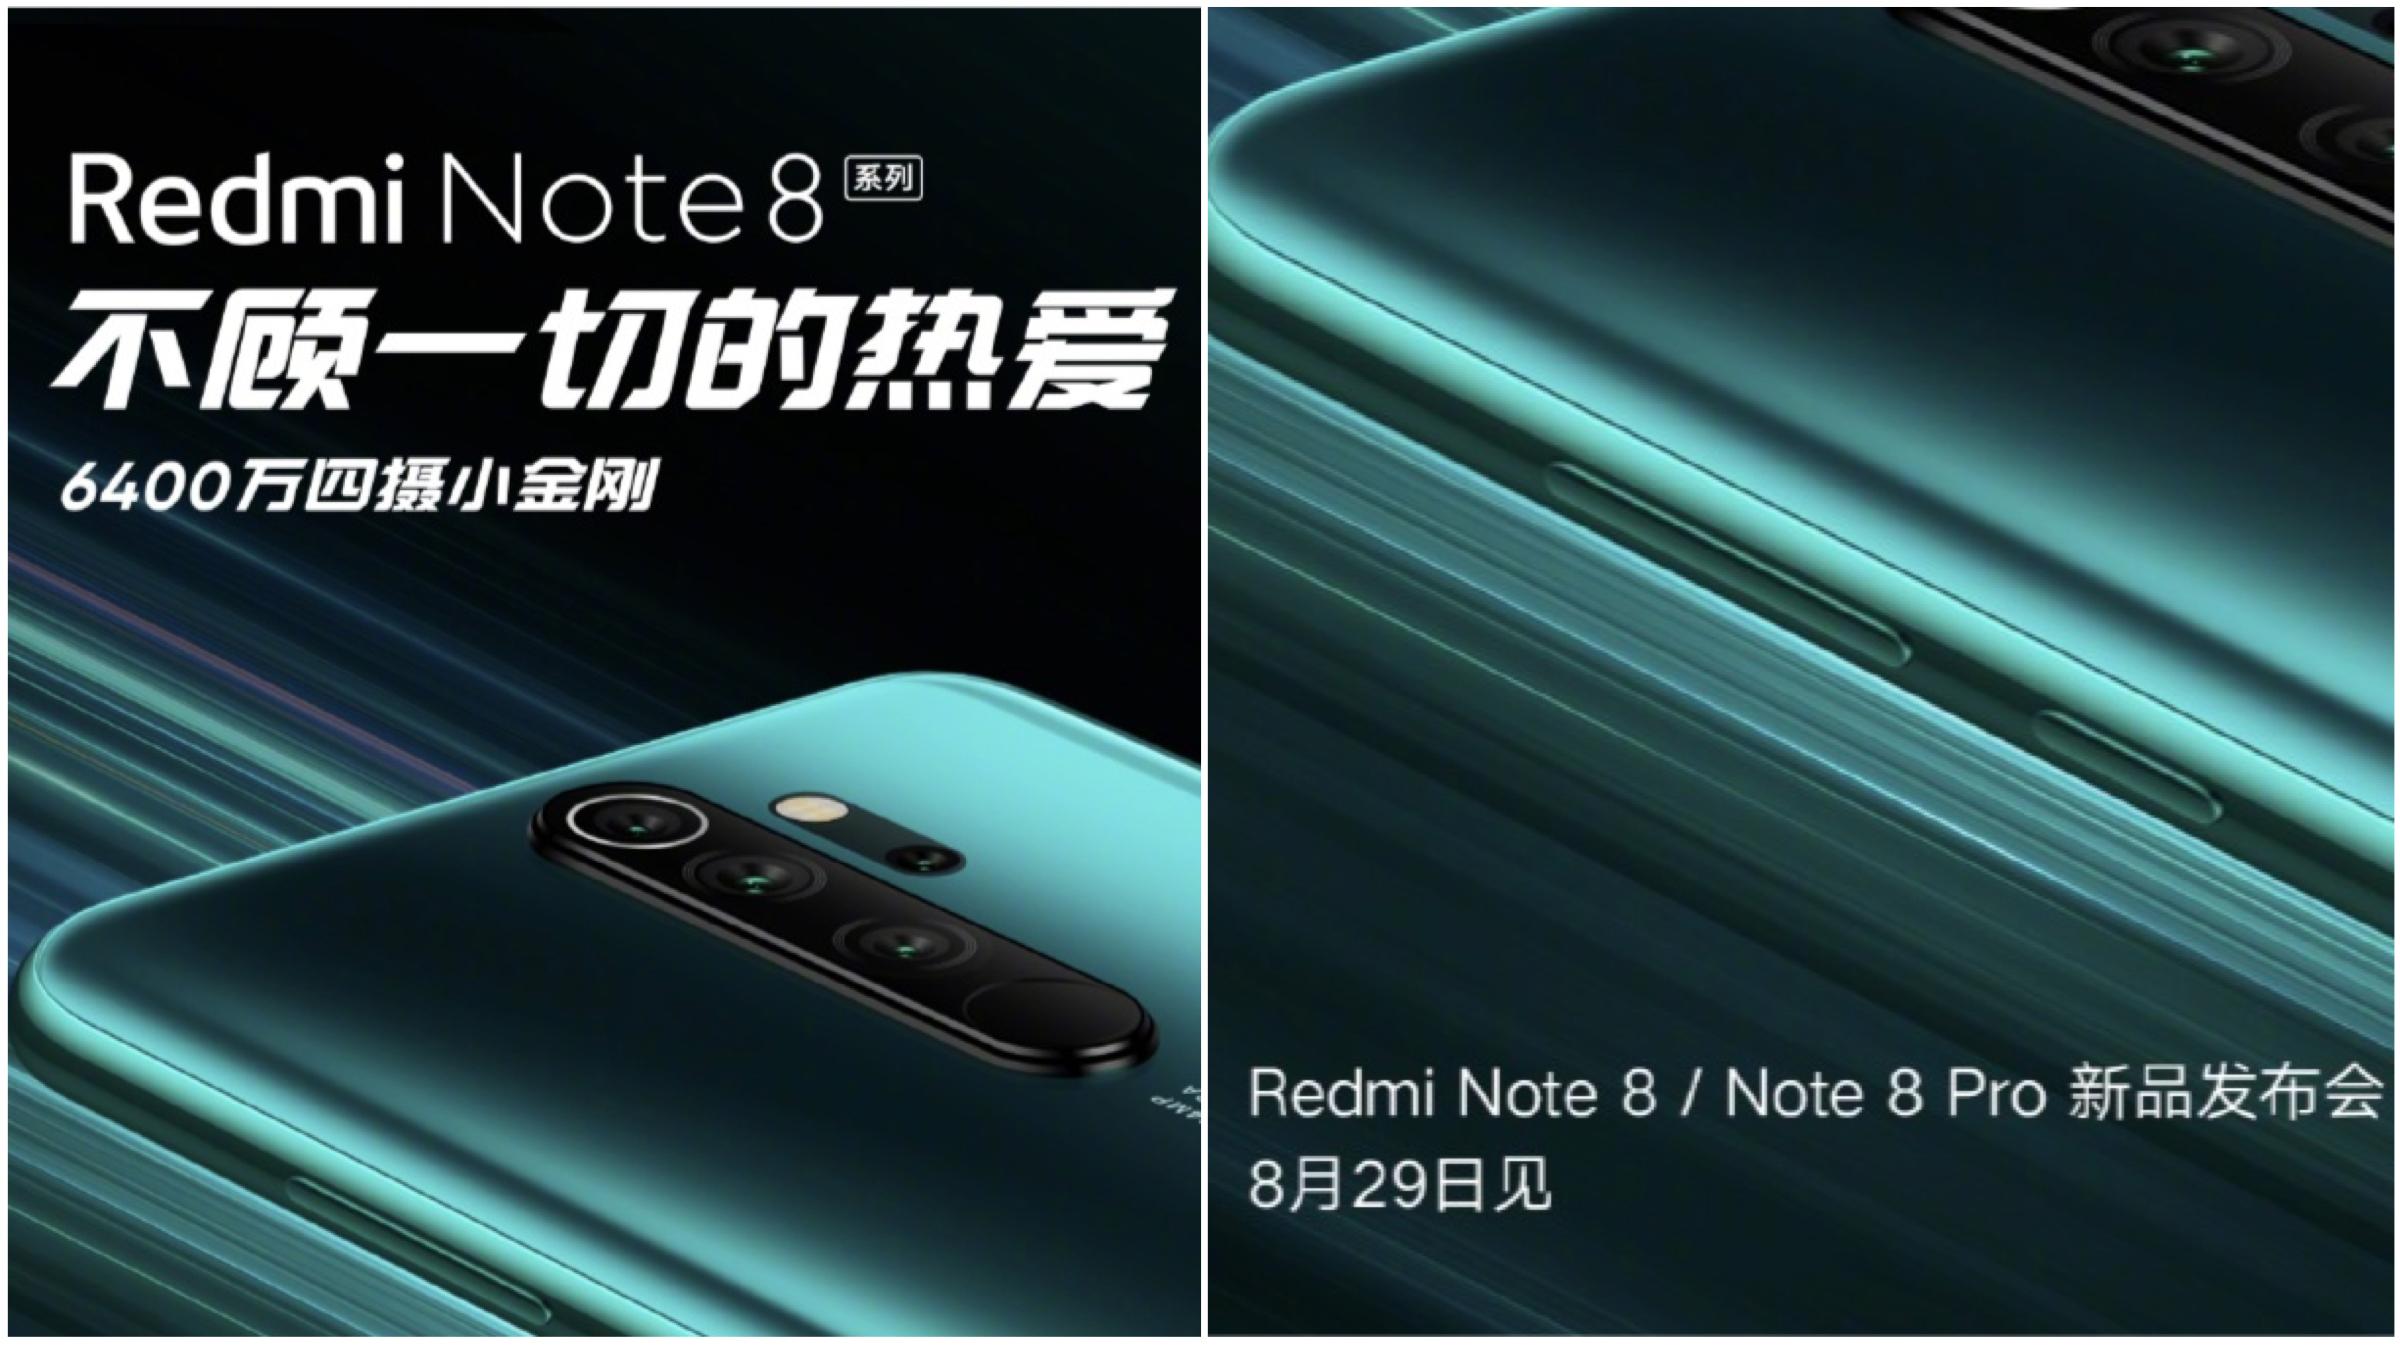 شياومي ريدمي Note 8، Note 8 برو التسريب تسربت قبل الإطلاق 1